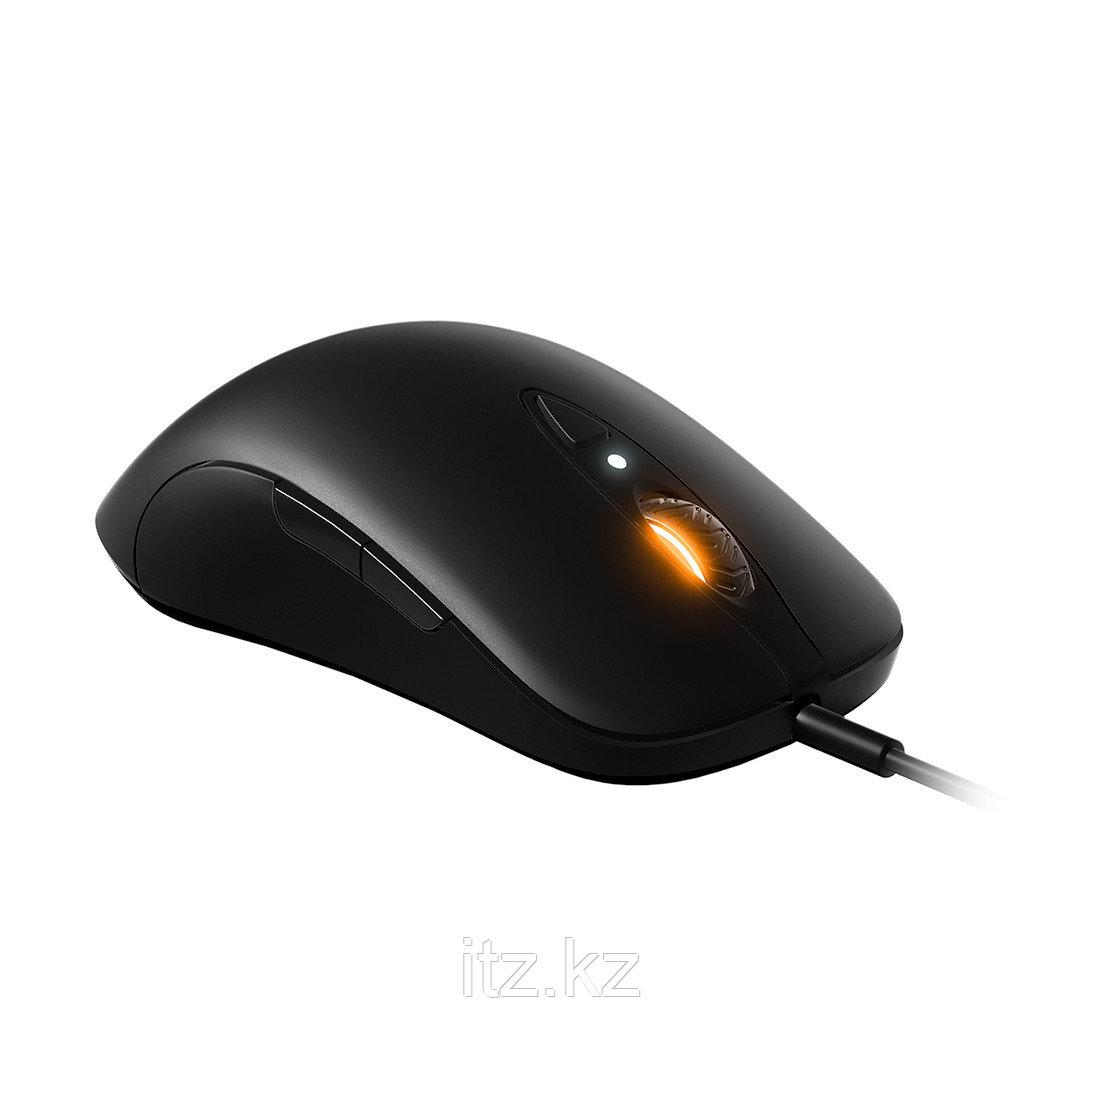 Компьютерная мышь Steelseries Sensei Ten